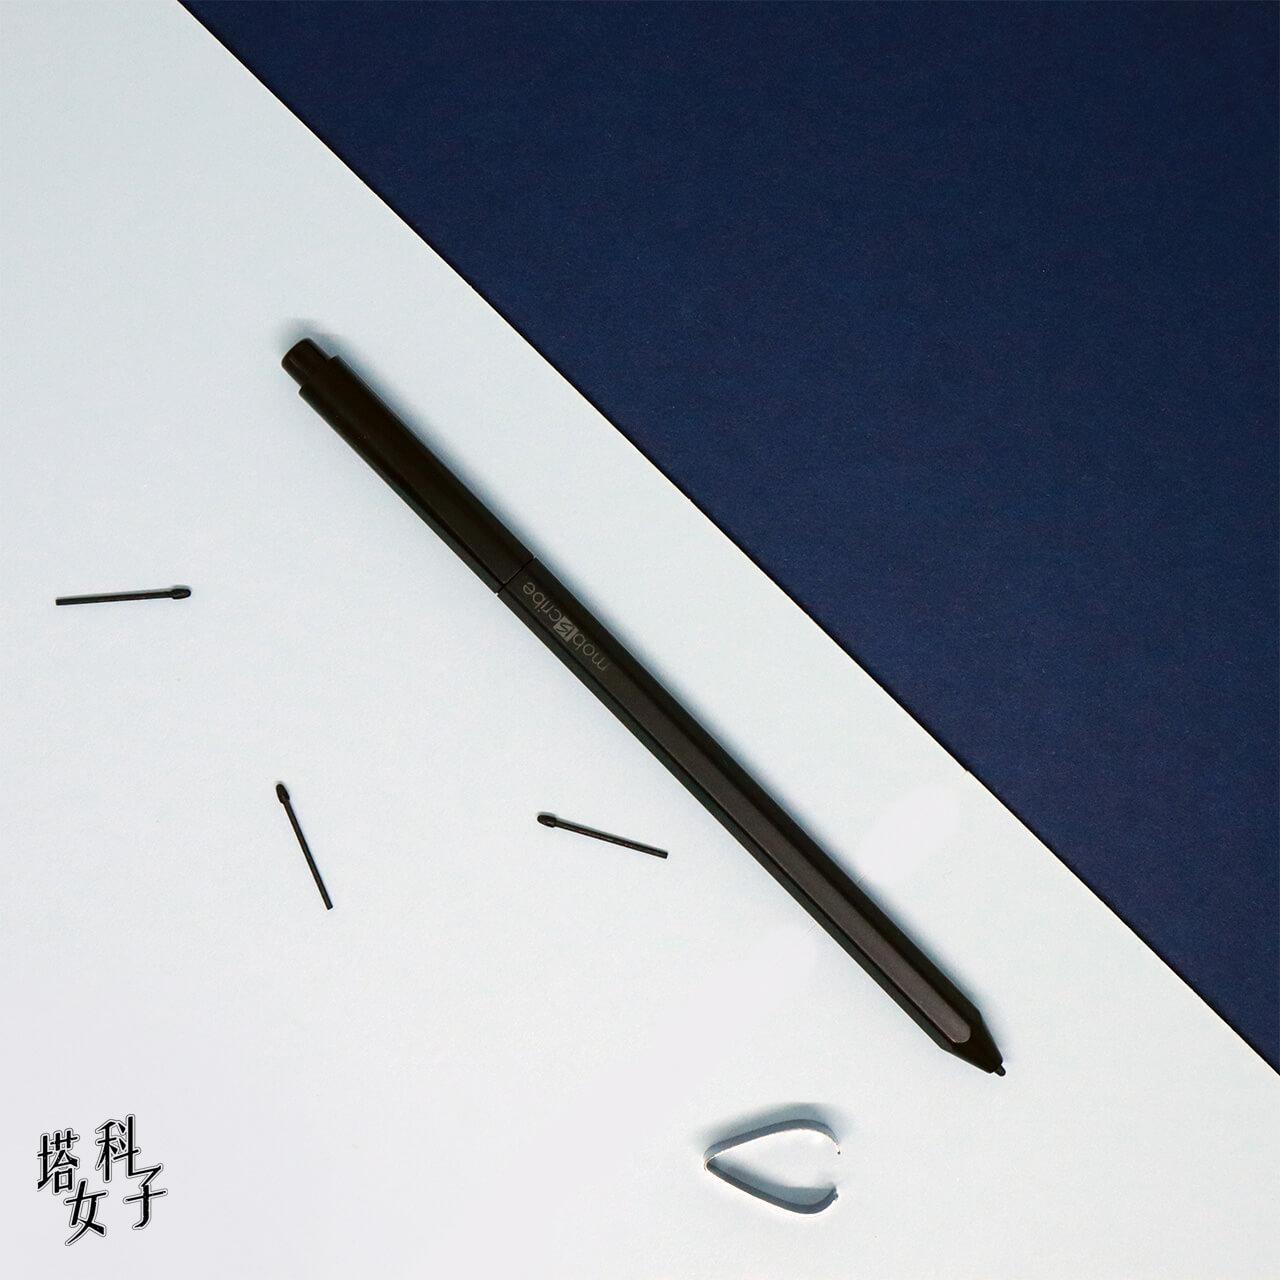 Mobiscribe 電子筆記本+閱讀器 開箱評測 觸控筆